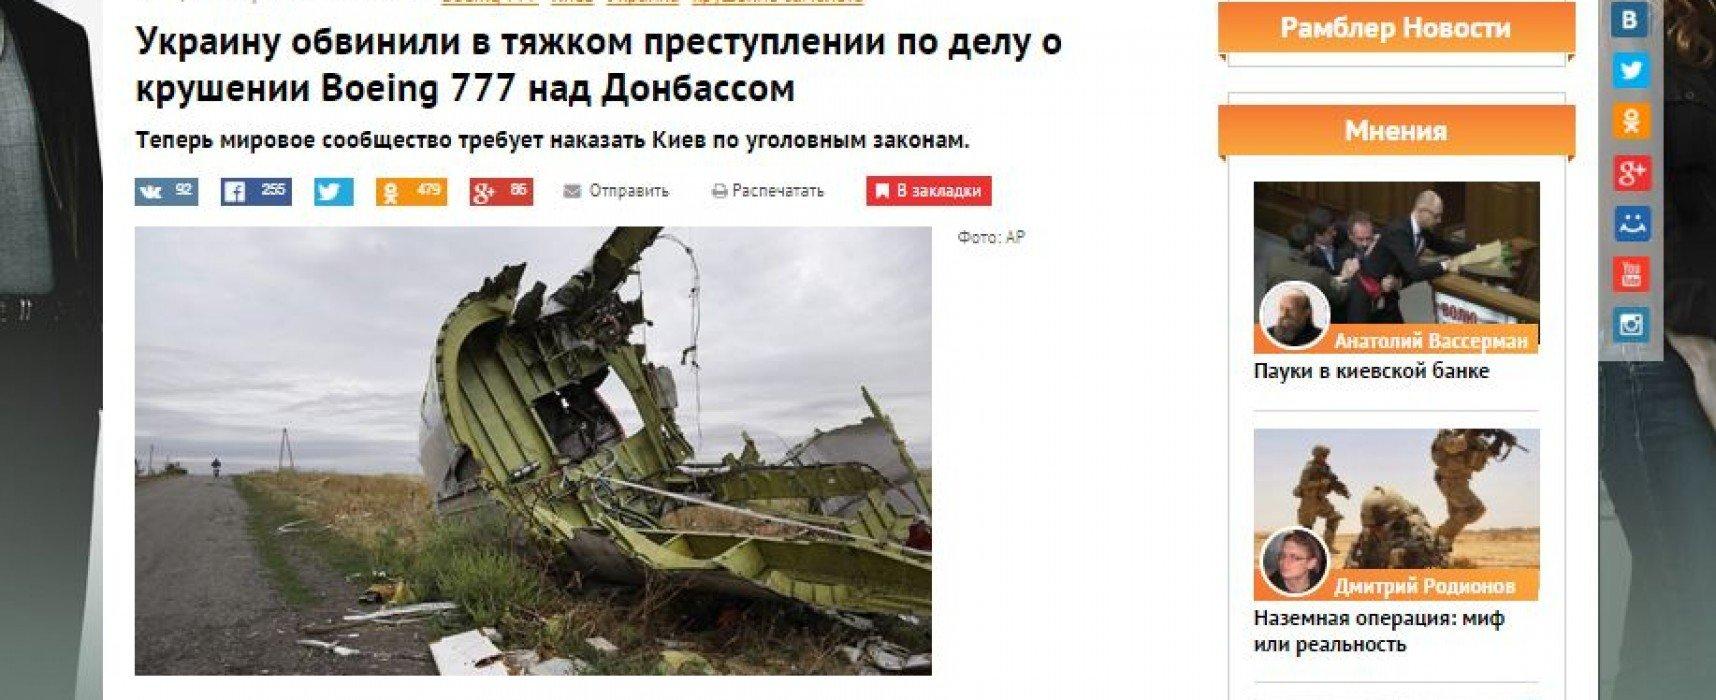 Fake : Les Pays-Bas ont accusé  l'Ukraine d'un crime pendant l'enquête du crash du MH17